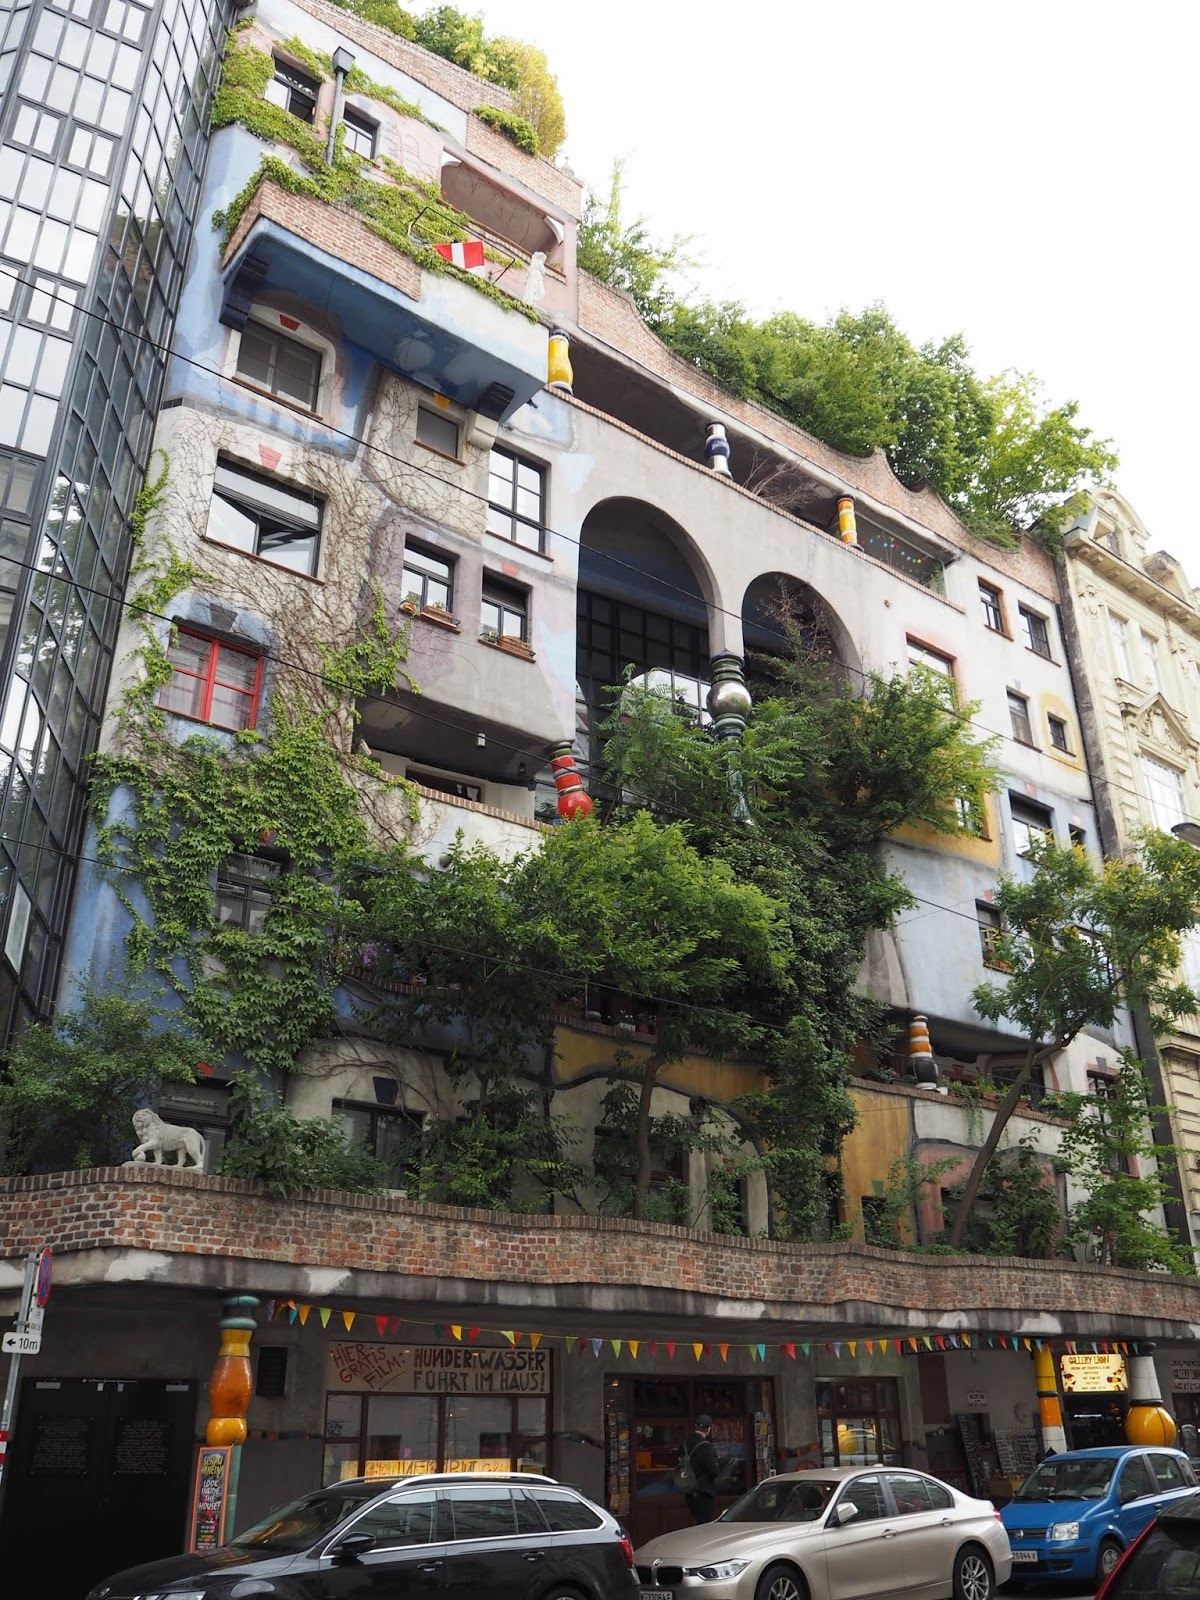 Hundertwasser Haus in Vienna